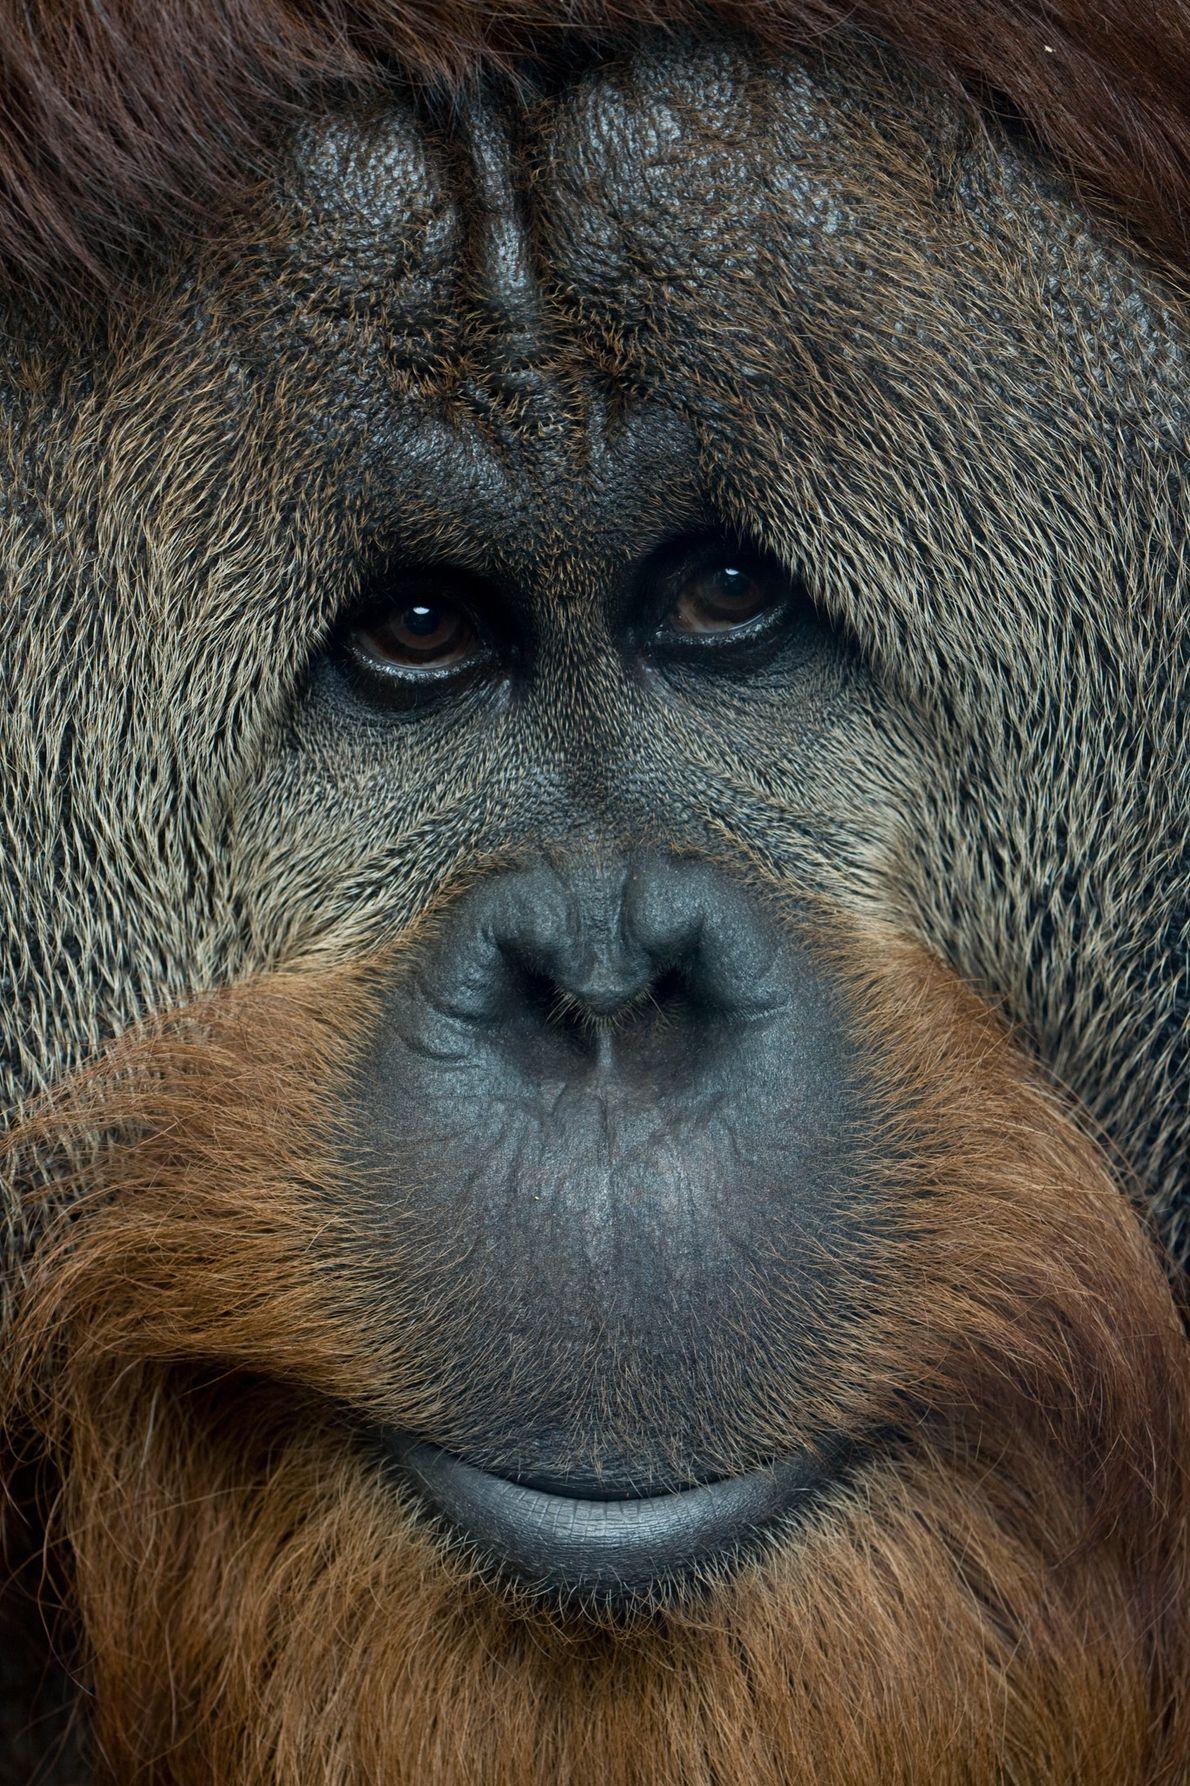 Na natureza, as populações individuais de orangotangos têm comportamentos únicos – como usar ramos folhosos que ...